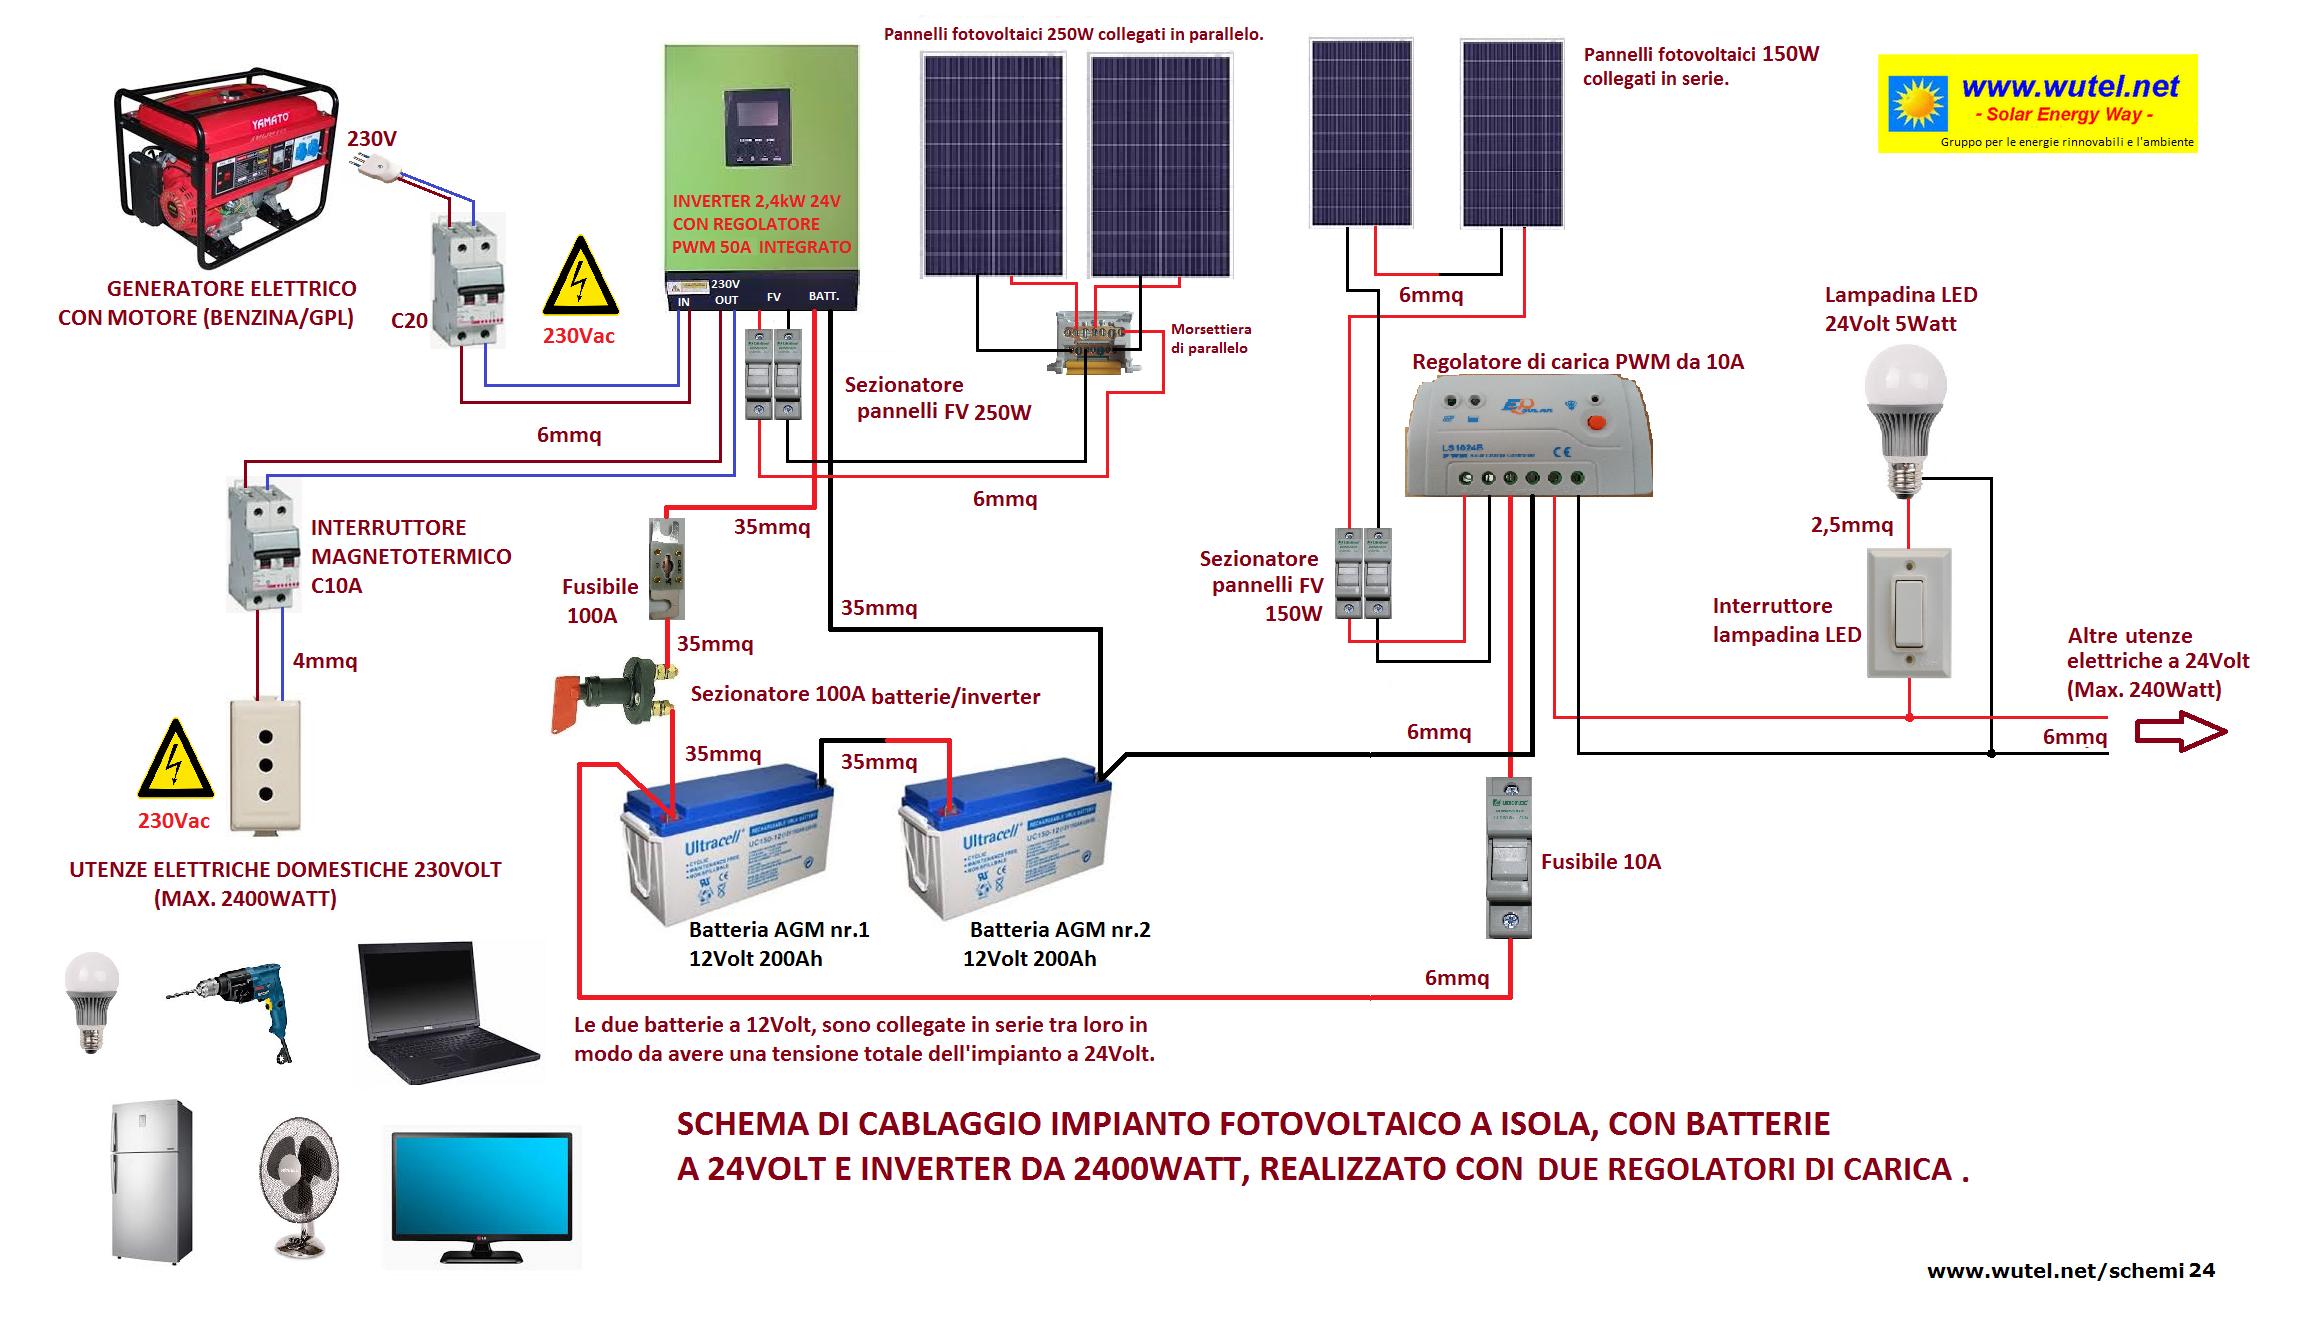 Schema Collegamento Impianto Fotovoltaico : Wutel schemi elettrici fv a volt